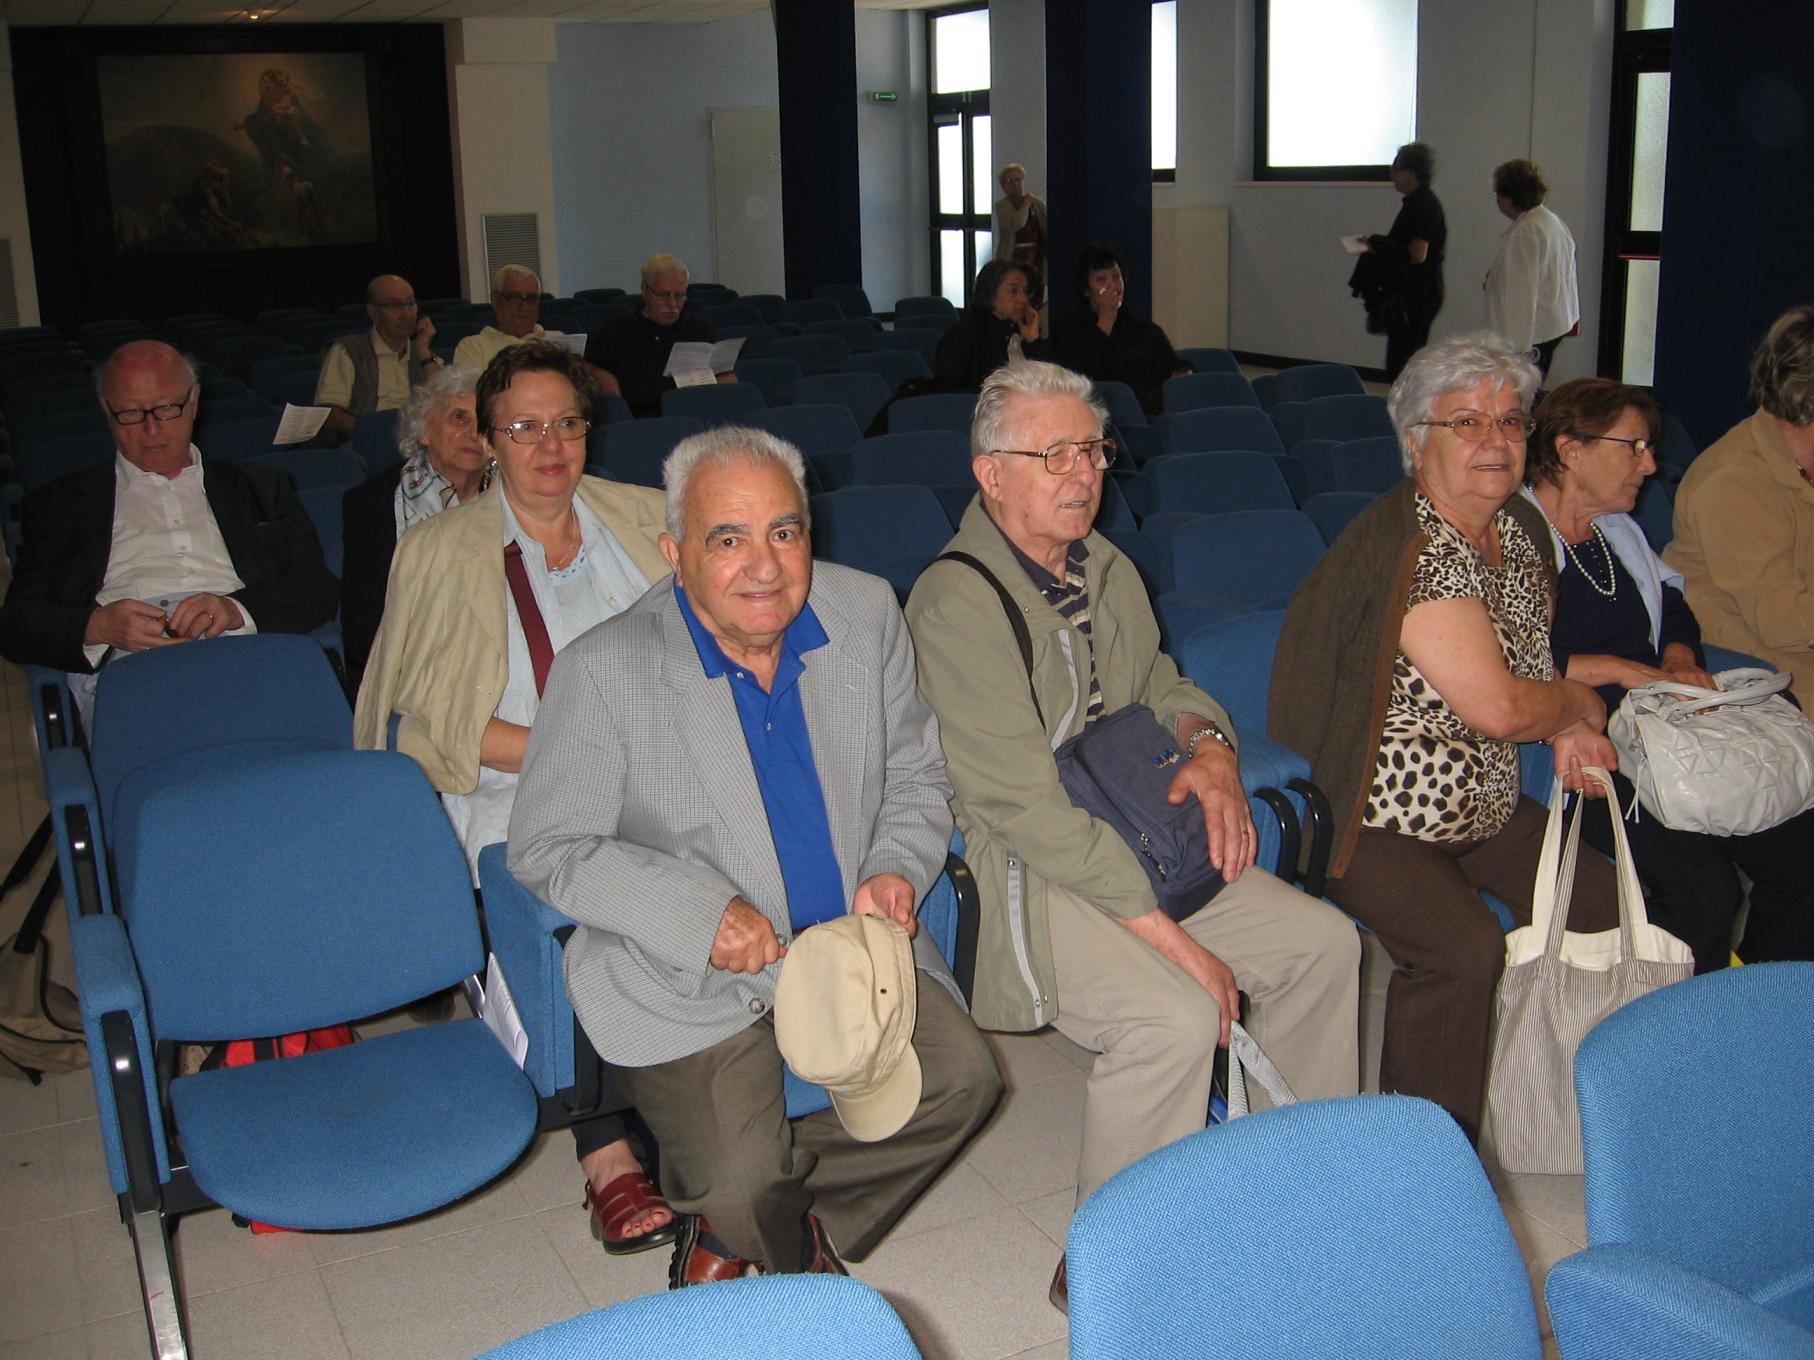 Pellegrinaggio_Vicariale_Guardia-2009-06-20--11.46.14